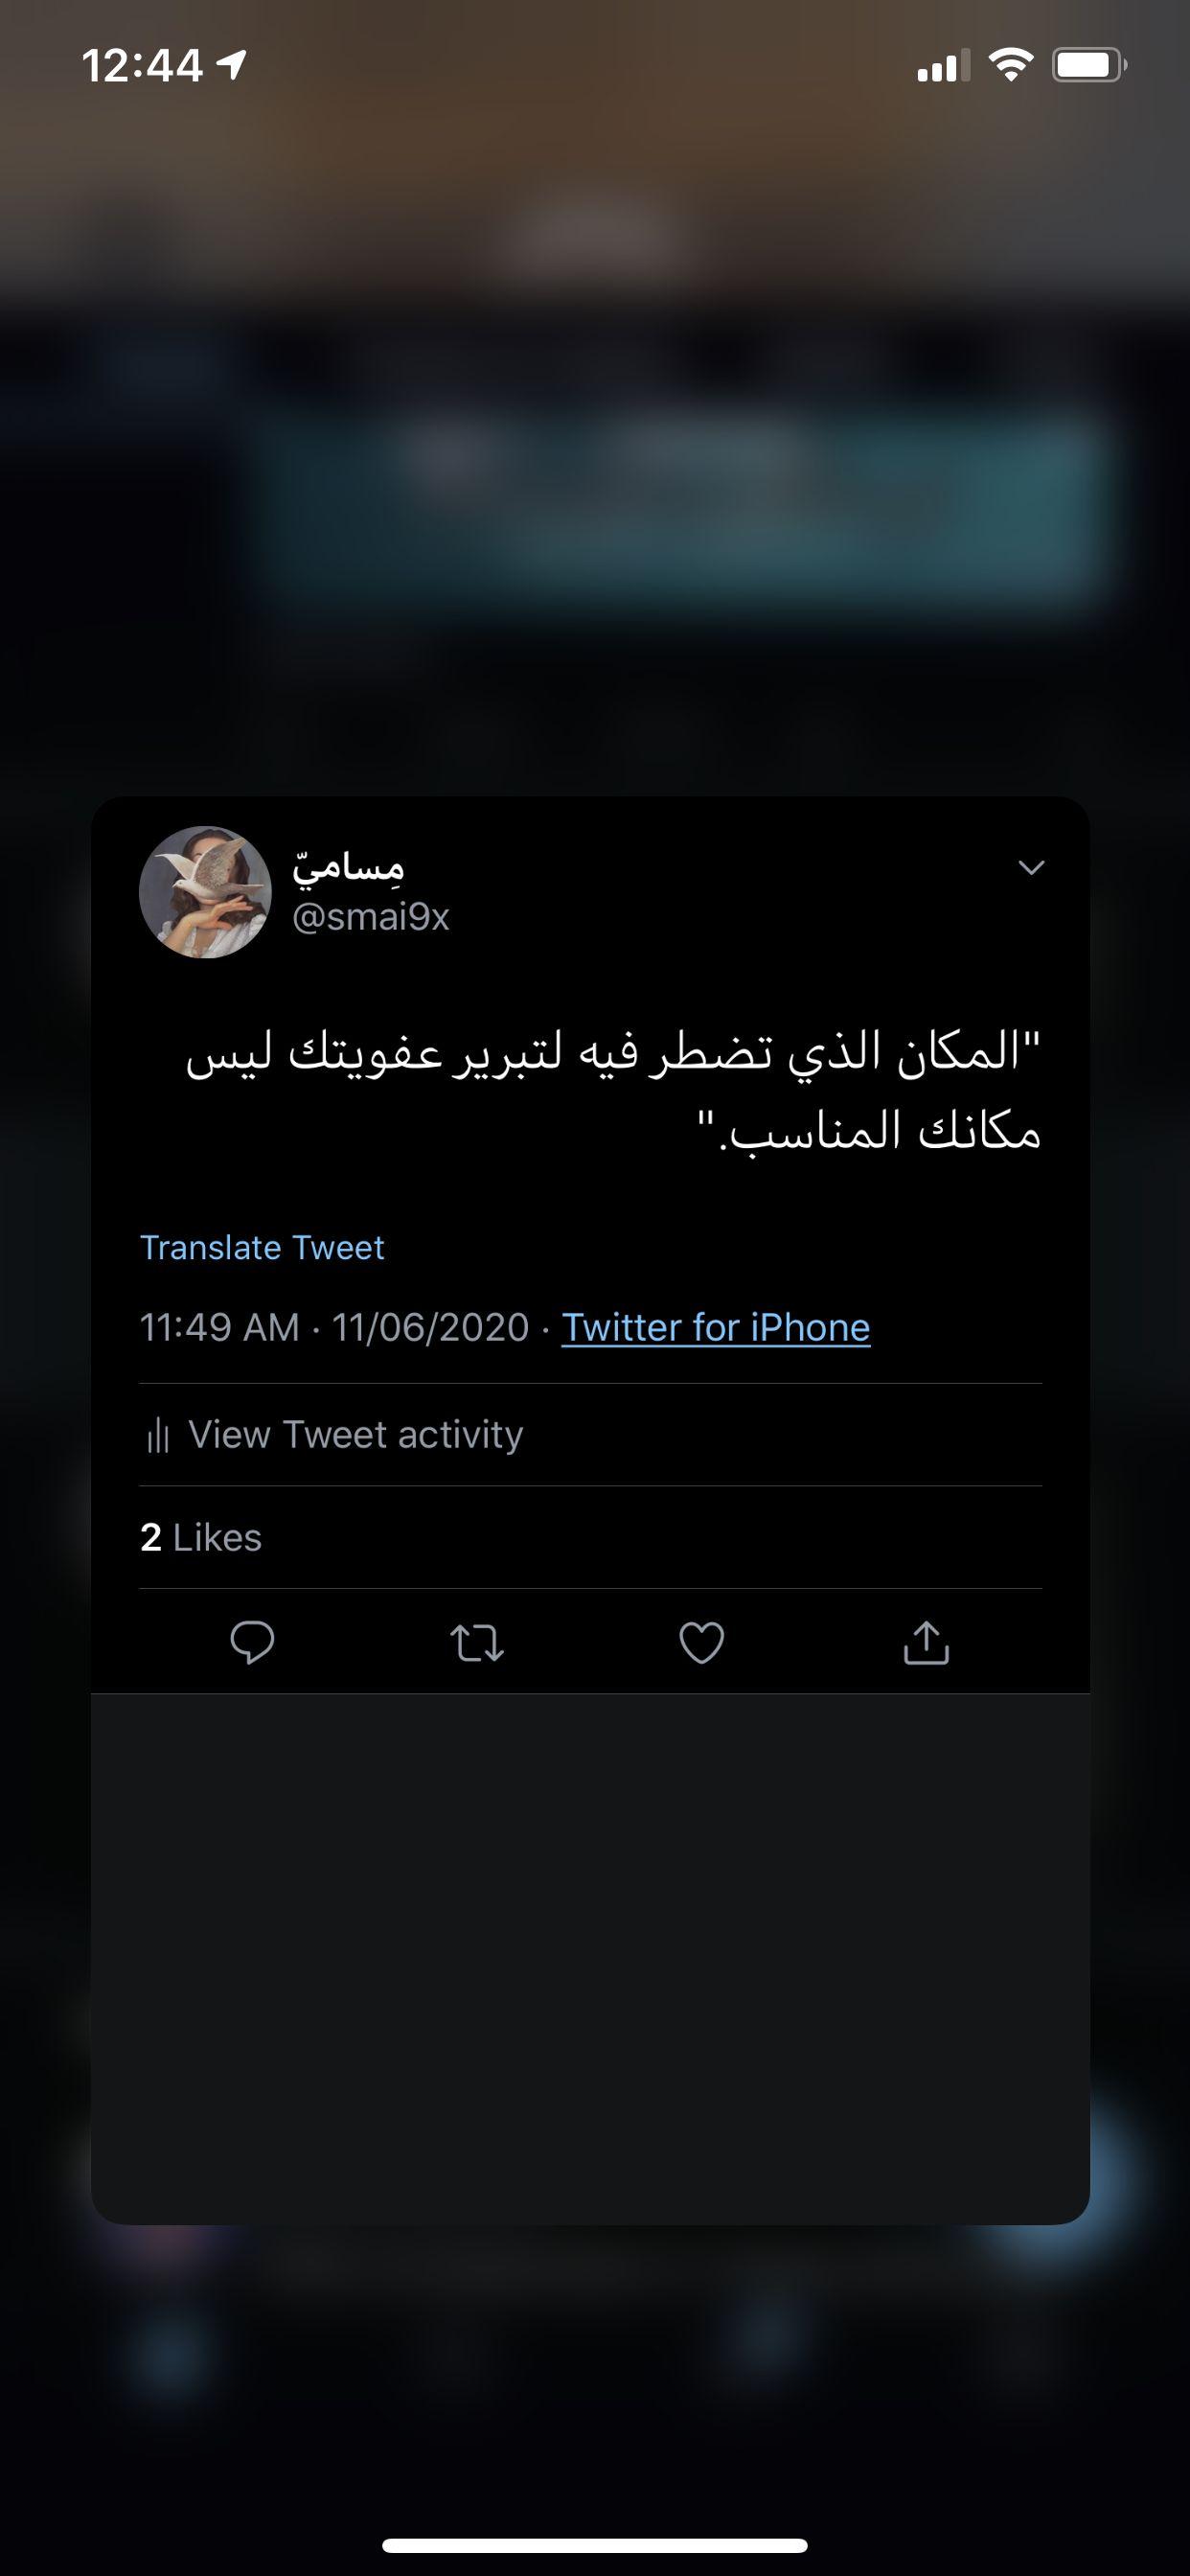 Twitter Smai9x Activities Twitter Sign Up Twitter